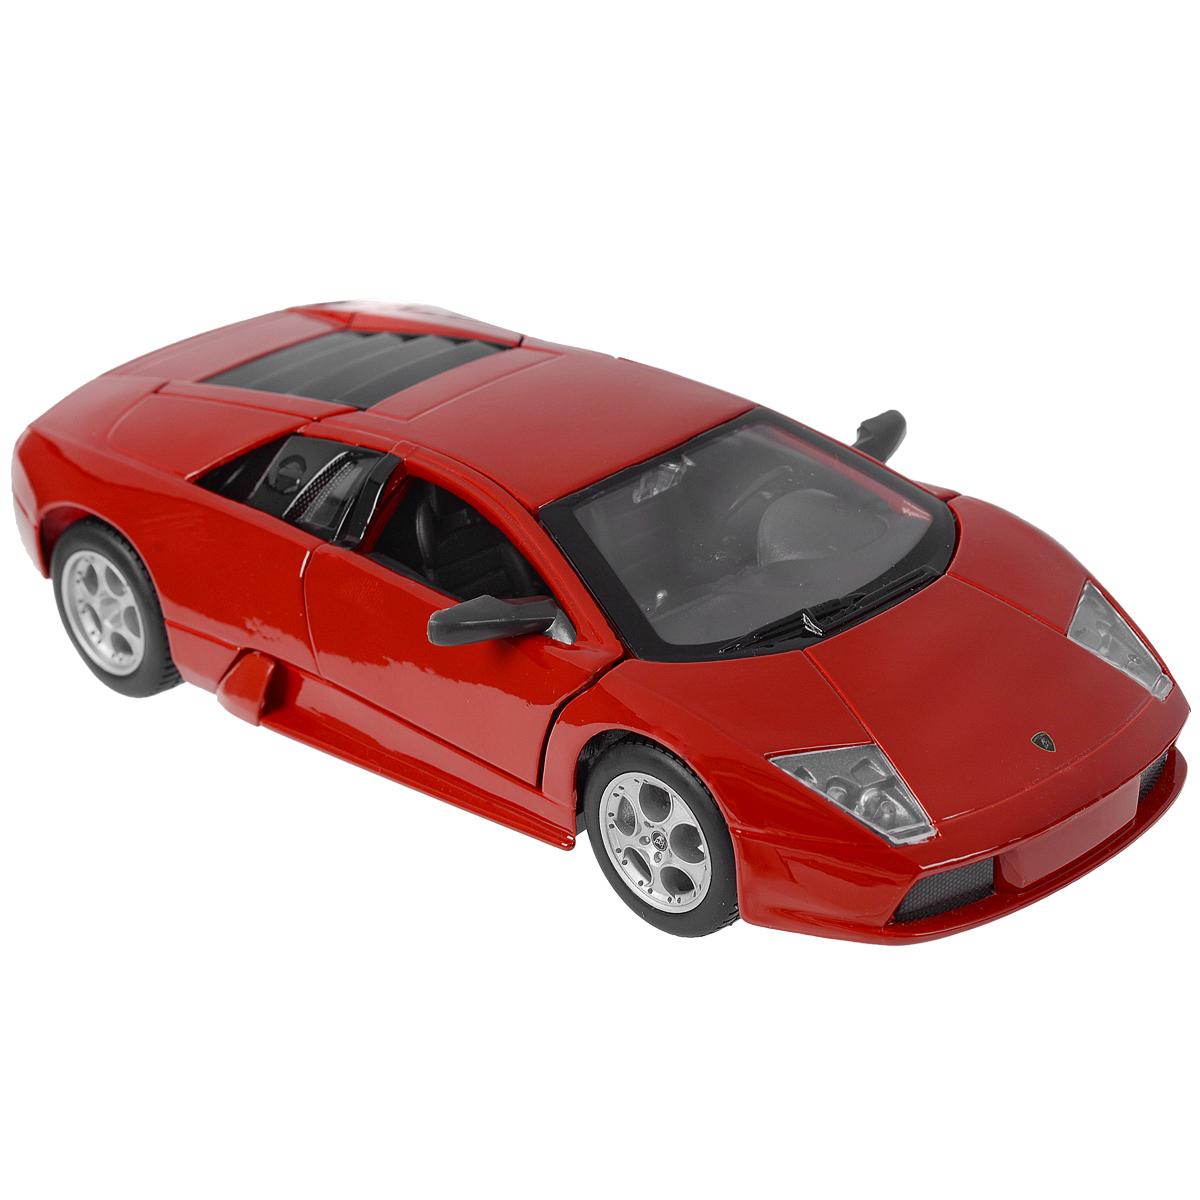 Коллекционная модель Lamborghini Murcielago, цвет: красный, масштаб 1/2431238Коллекционная модель Lamborghini Murcielago - миниатюрная копия настоящего автомобиля. Стильная модель автомобиля привлечет к себе внимание не только детей, но и взрослых. Модель оснащена колесами из мягкой резины, двери автомобиля открываются. Внутри детально проработаны элементы экстерьера. Такая модель станет отличным подарком не только любителю автомобилей, но и человеку, ценящему оригинальность и изысканность, а качество исполнения представит такой подарок в самом лучшем свете.